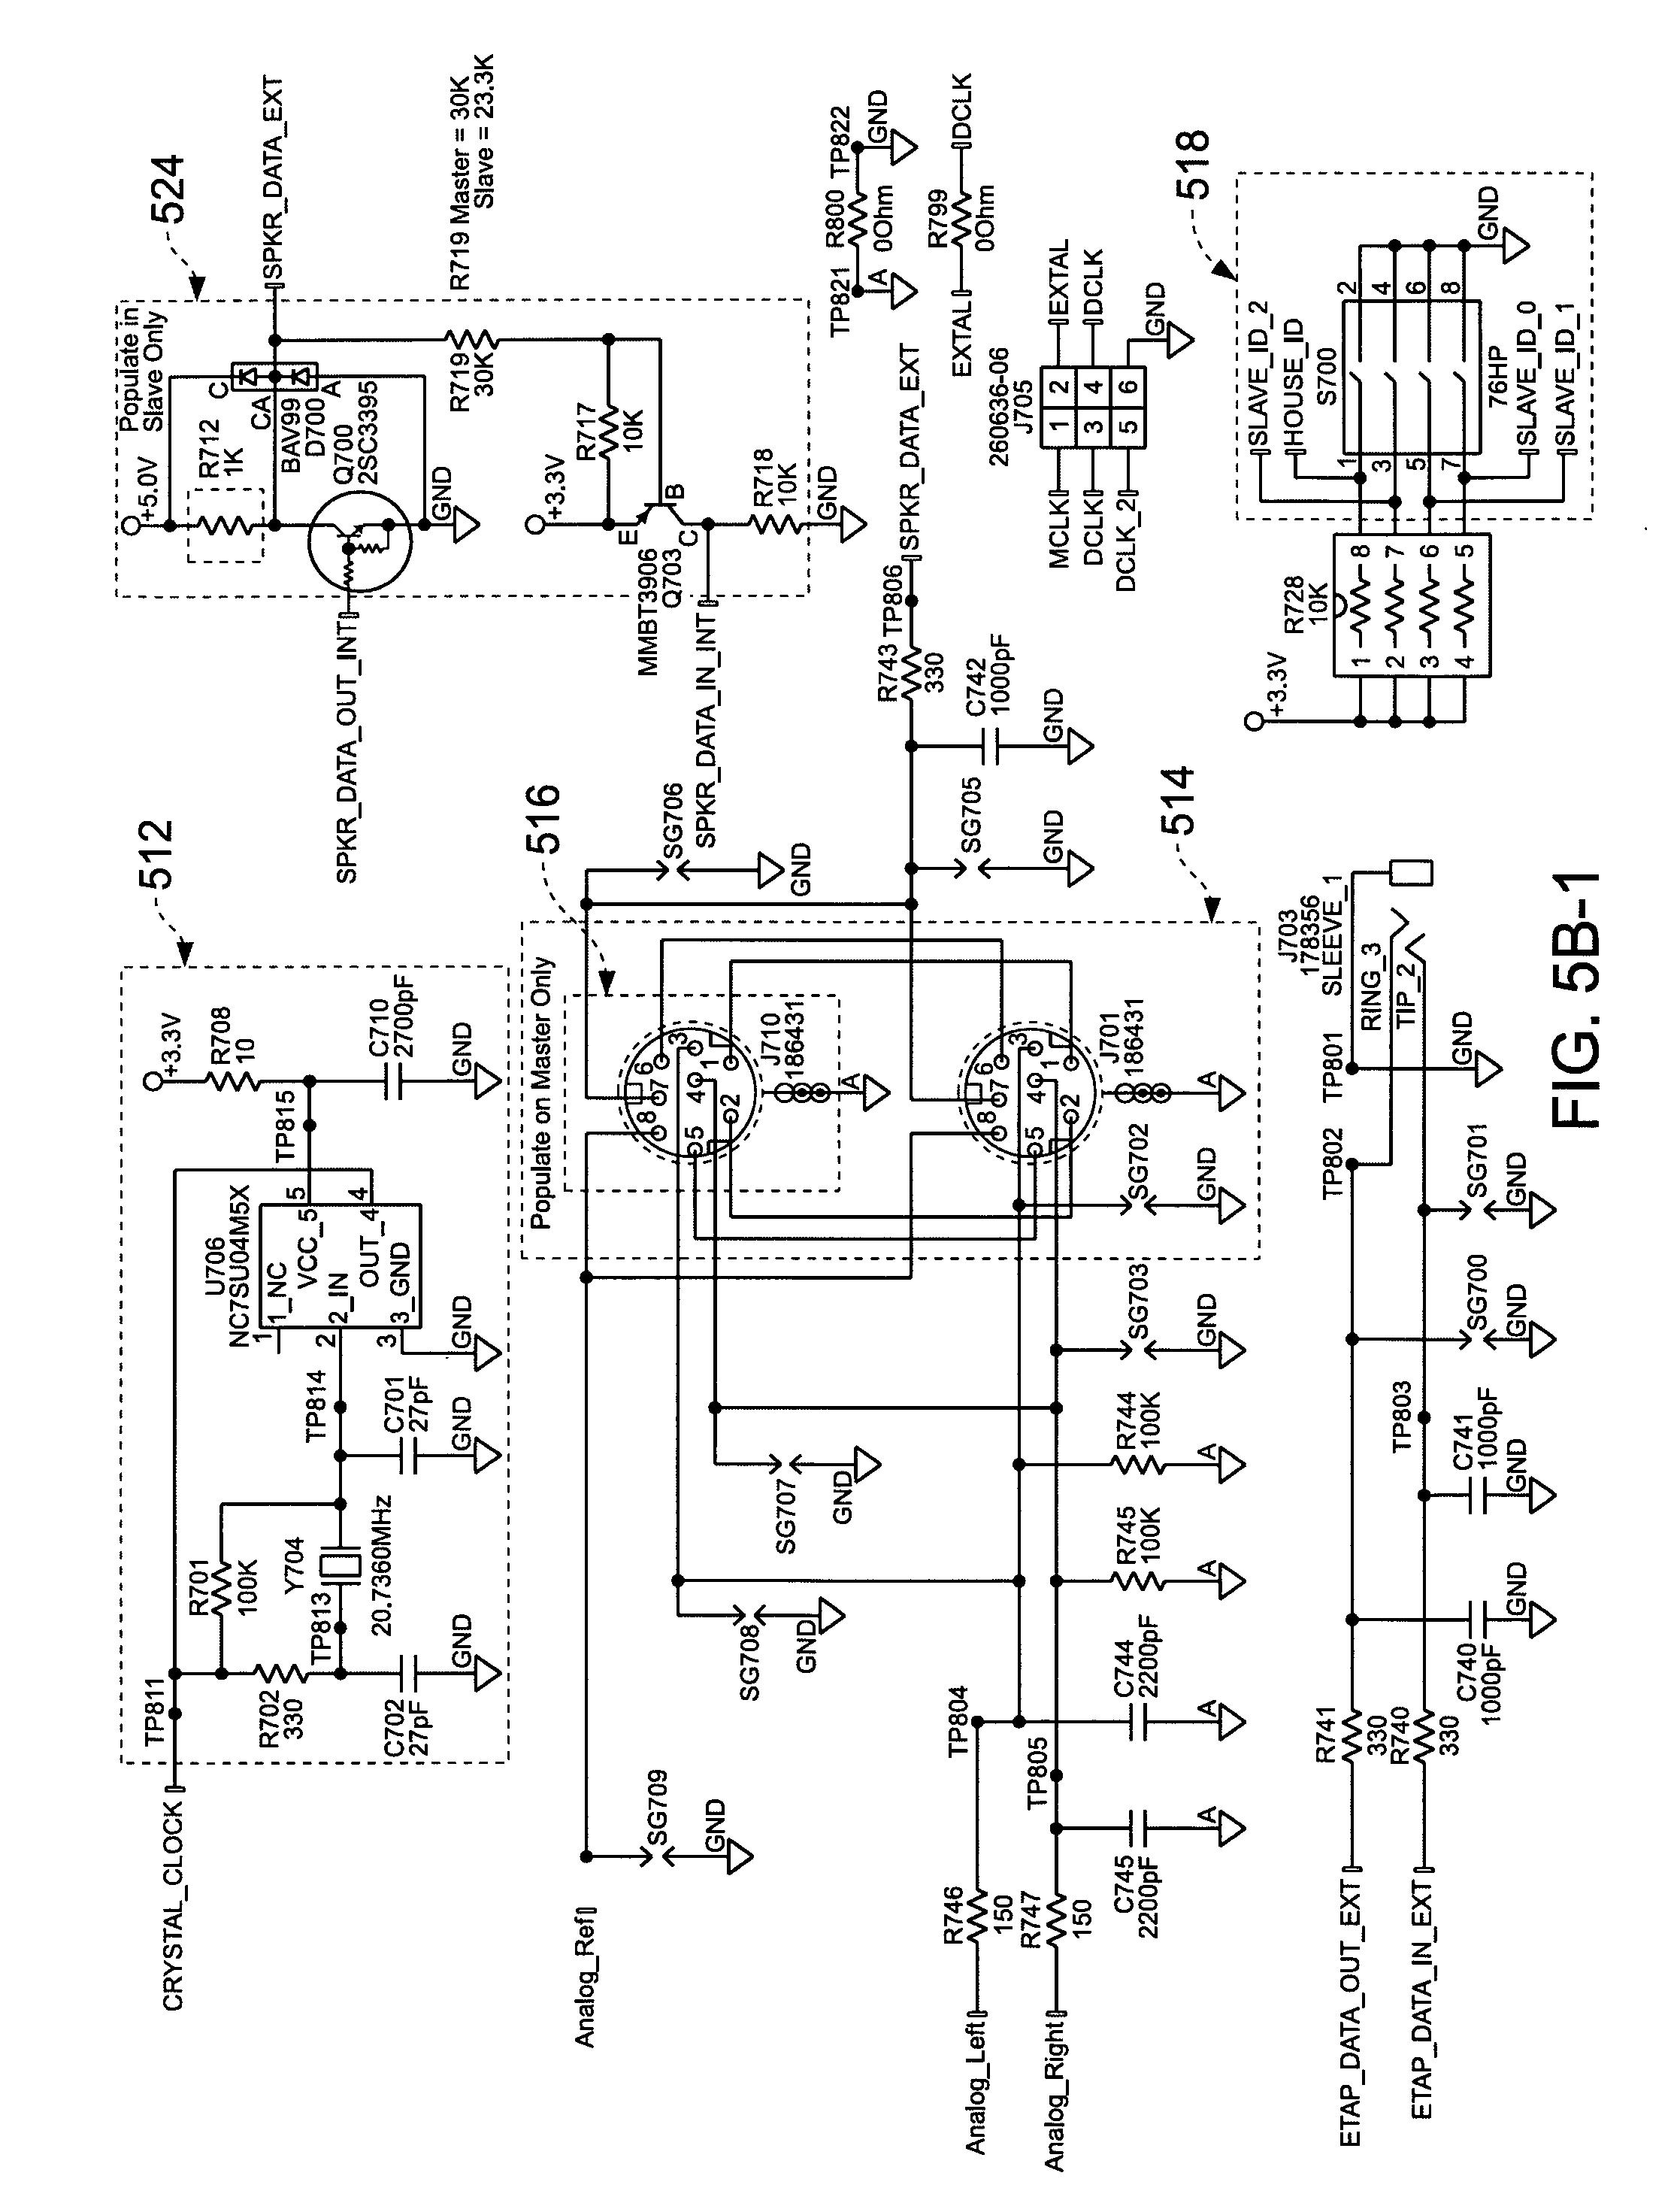 patent us7474677 - wireless communicating